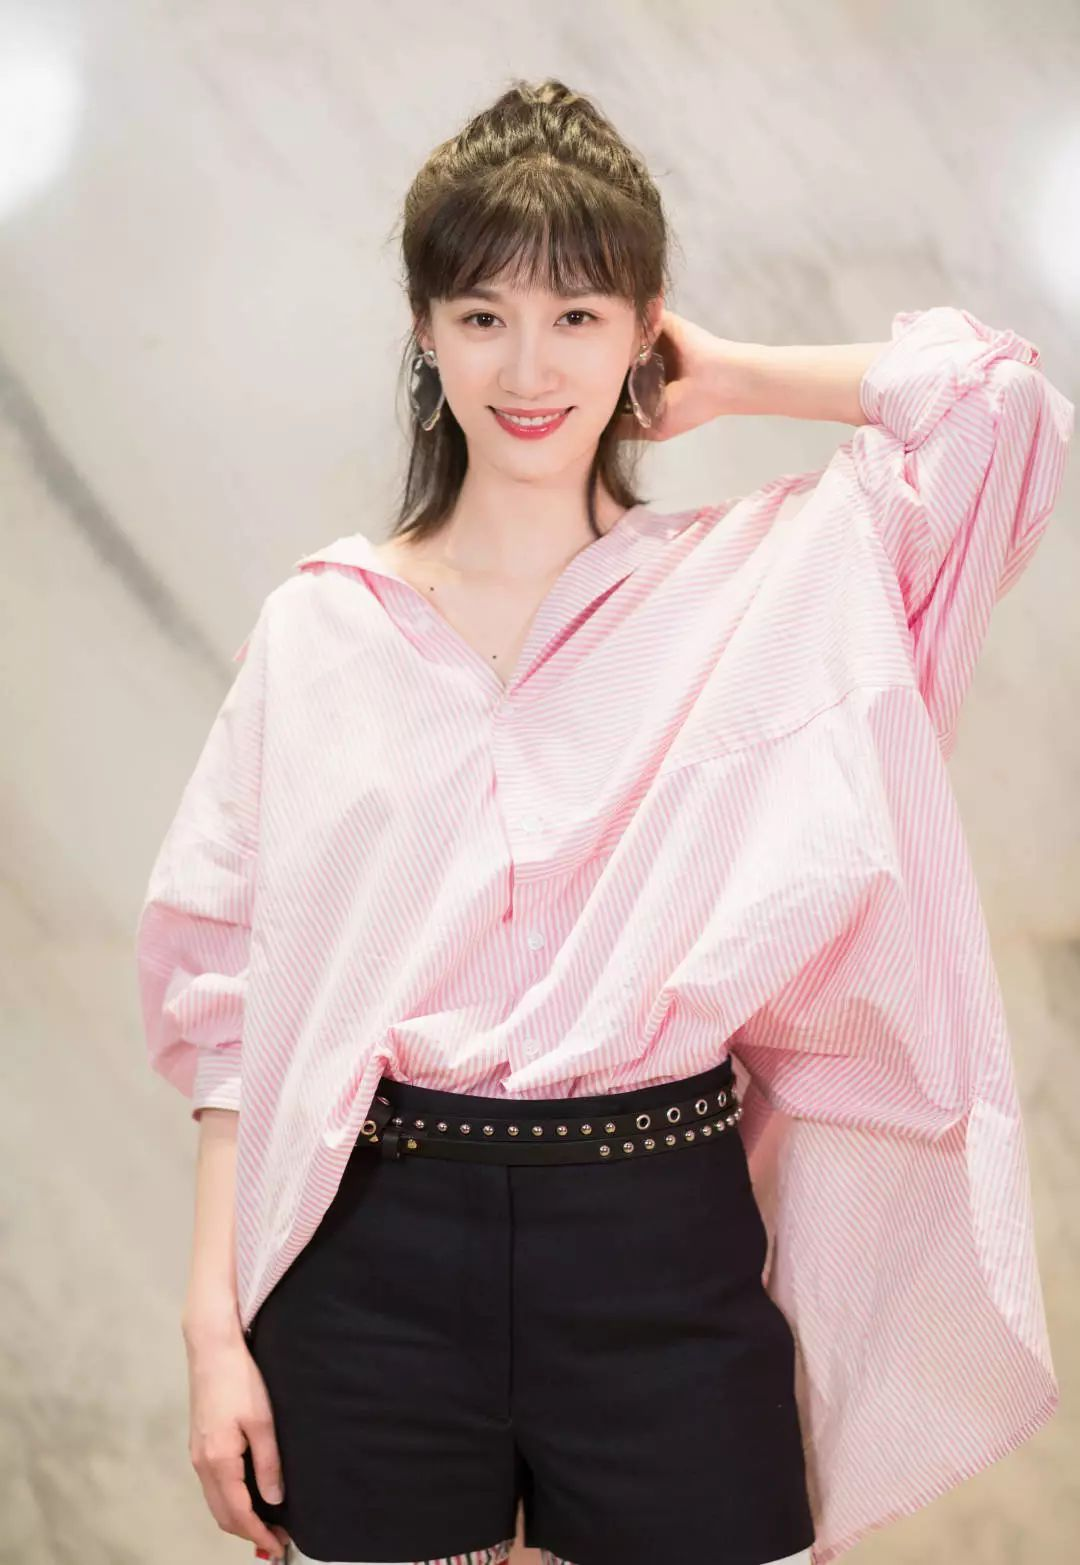 《青春斗》中心气高过天的她,曾给唐嫣佟丽娅配过戏,30岁仍不红